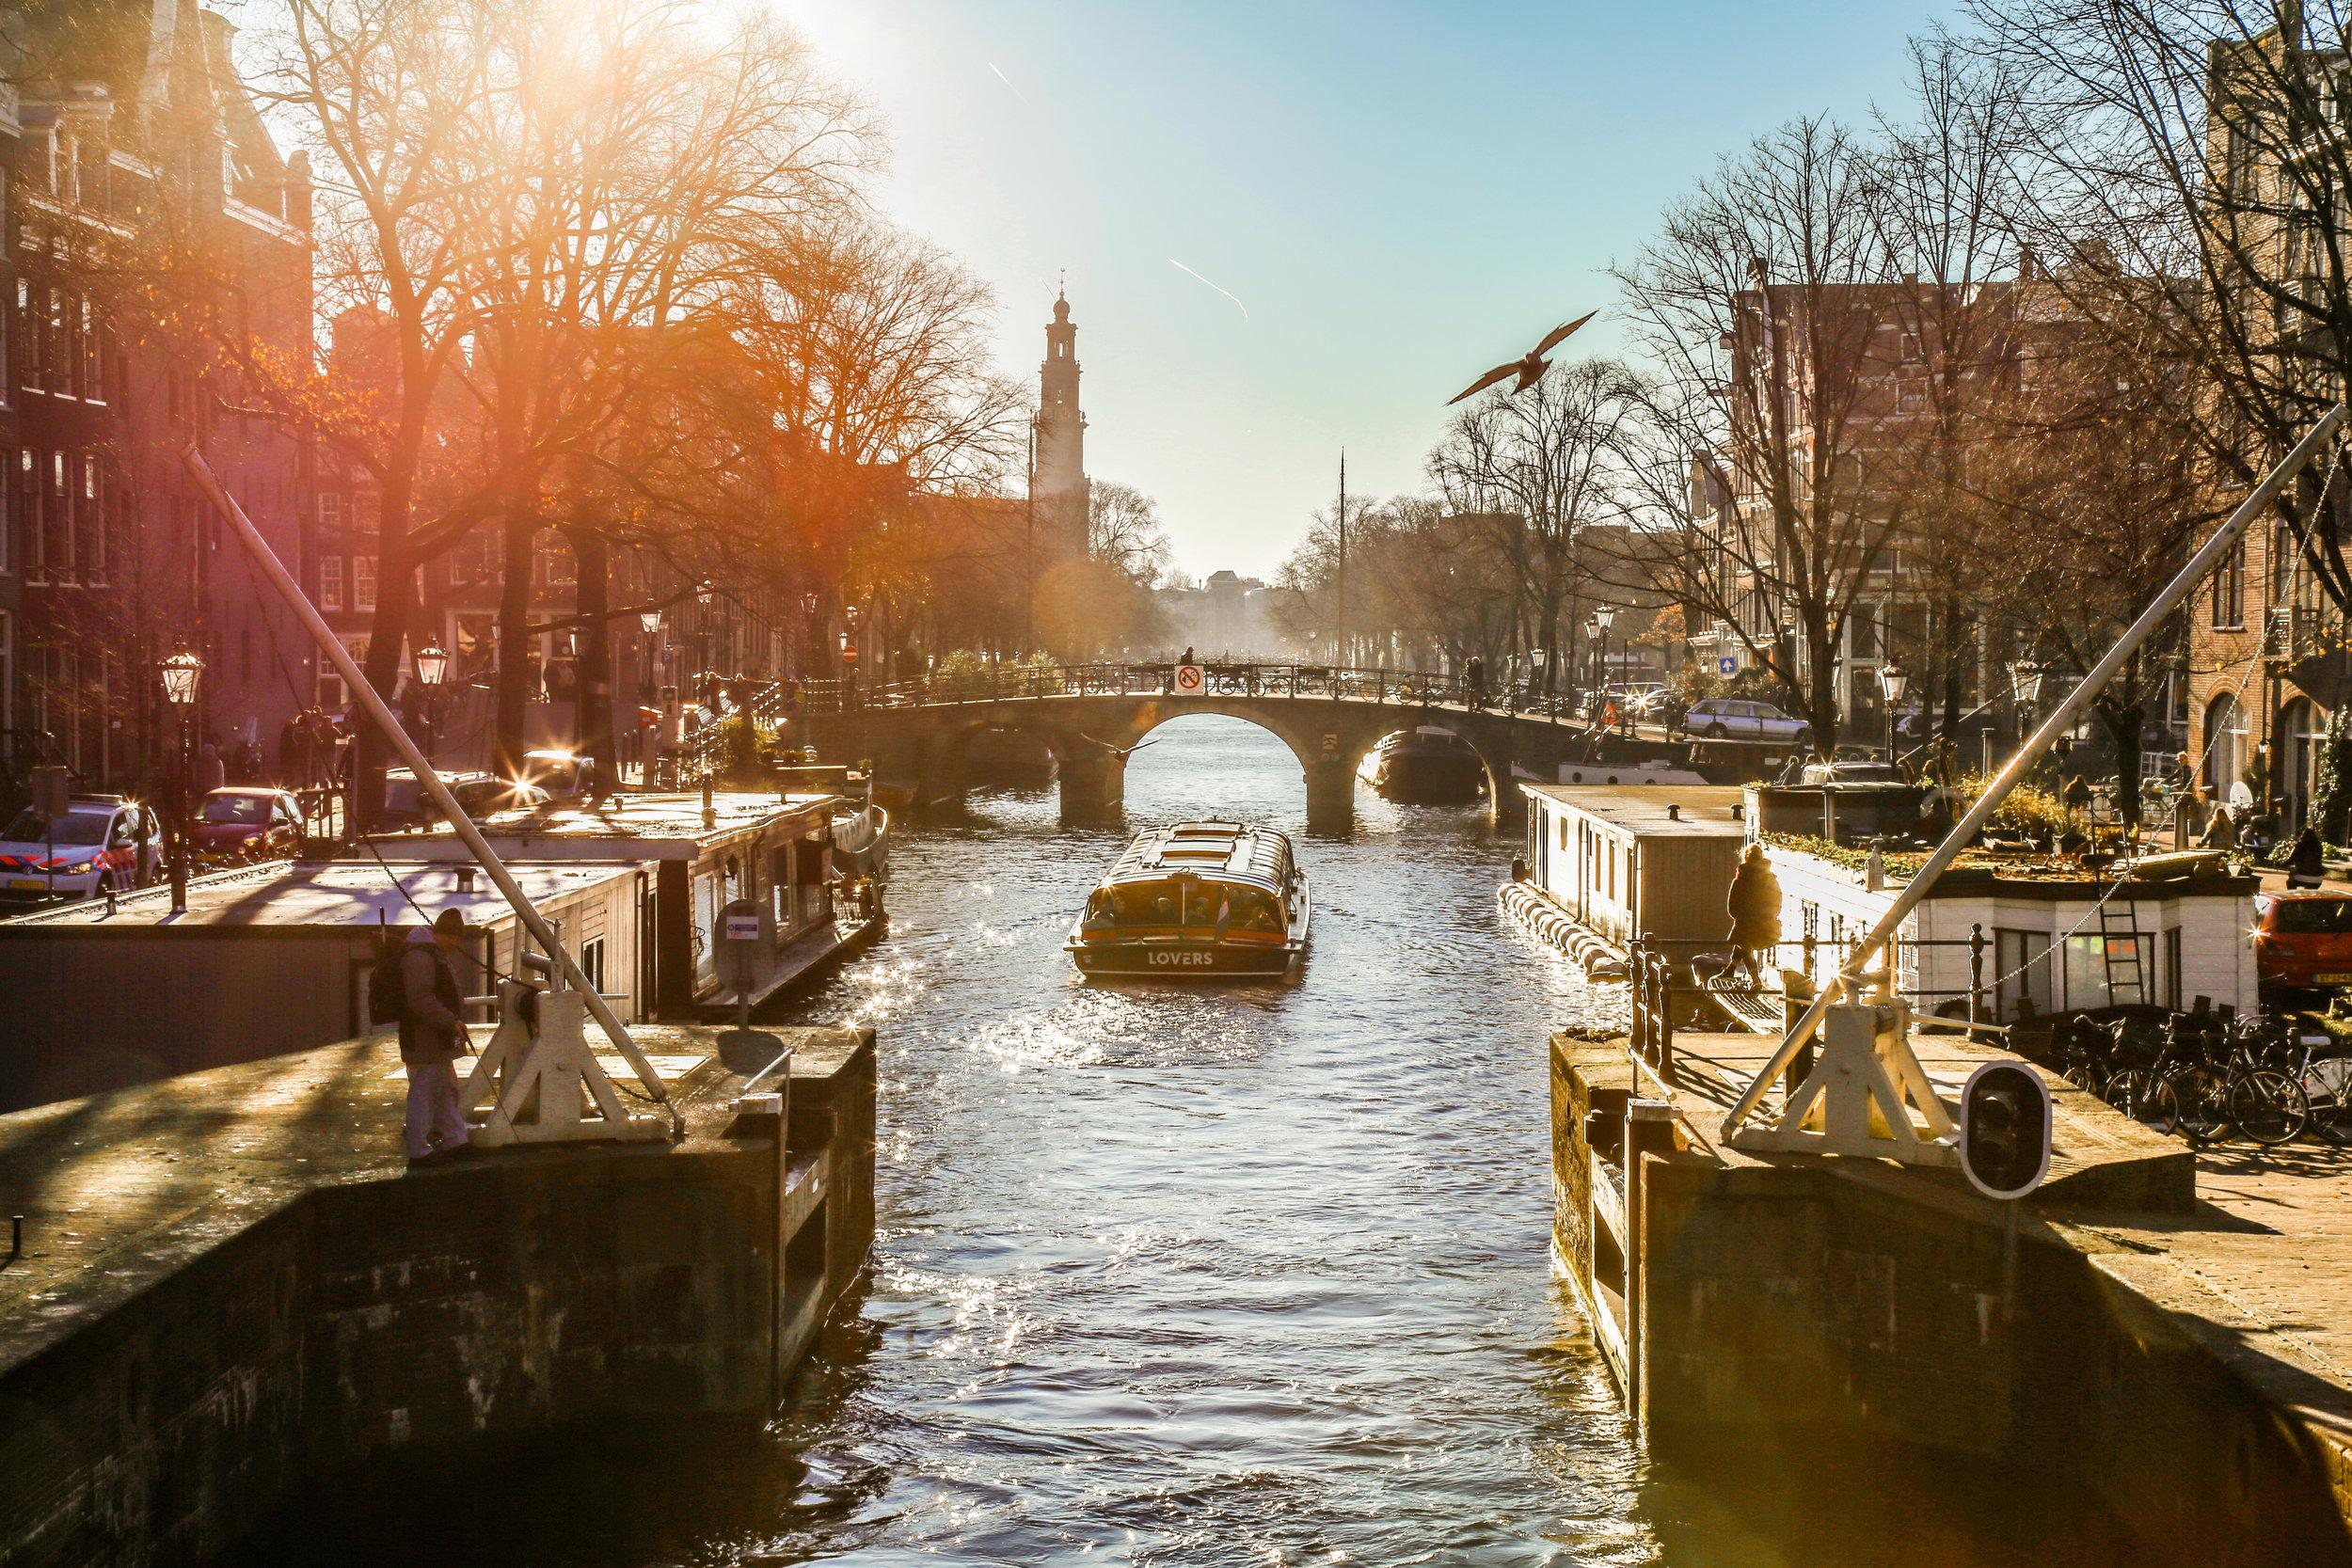 Boat_In_canal.jpg